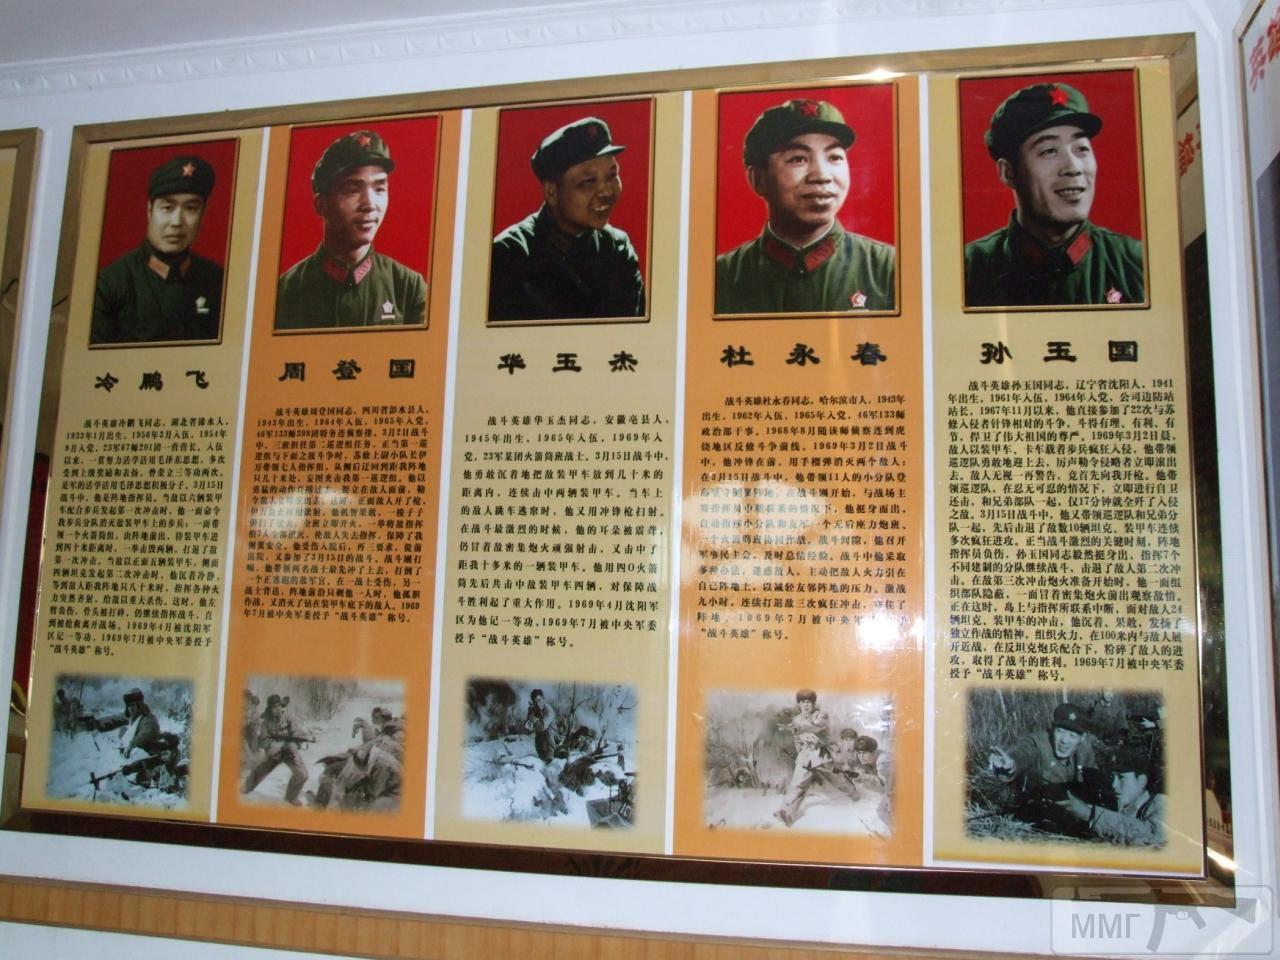 14094 - Военный конфликт СССР и Китая - Остров Даманский 1969 год